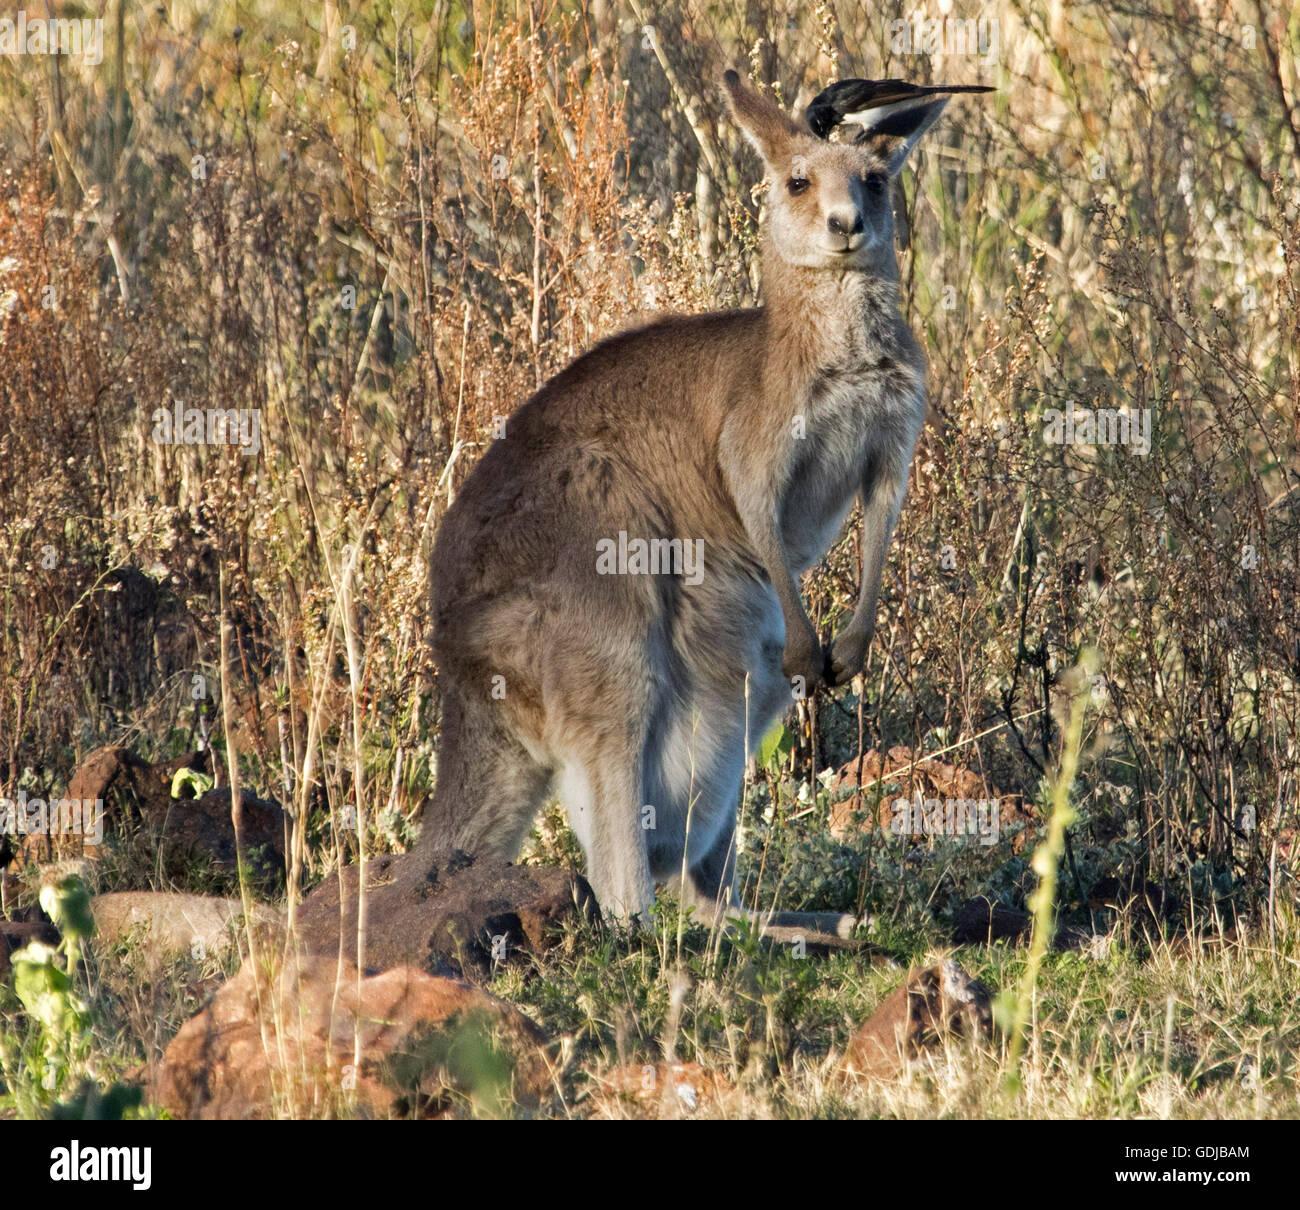 Compañeros inusuales, canguro gris oriental Macropus giganteus) en el medio silvestre con willy wagtail en Imagen De Stock